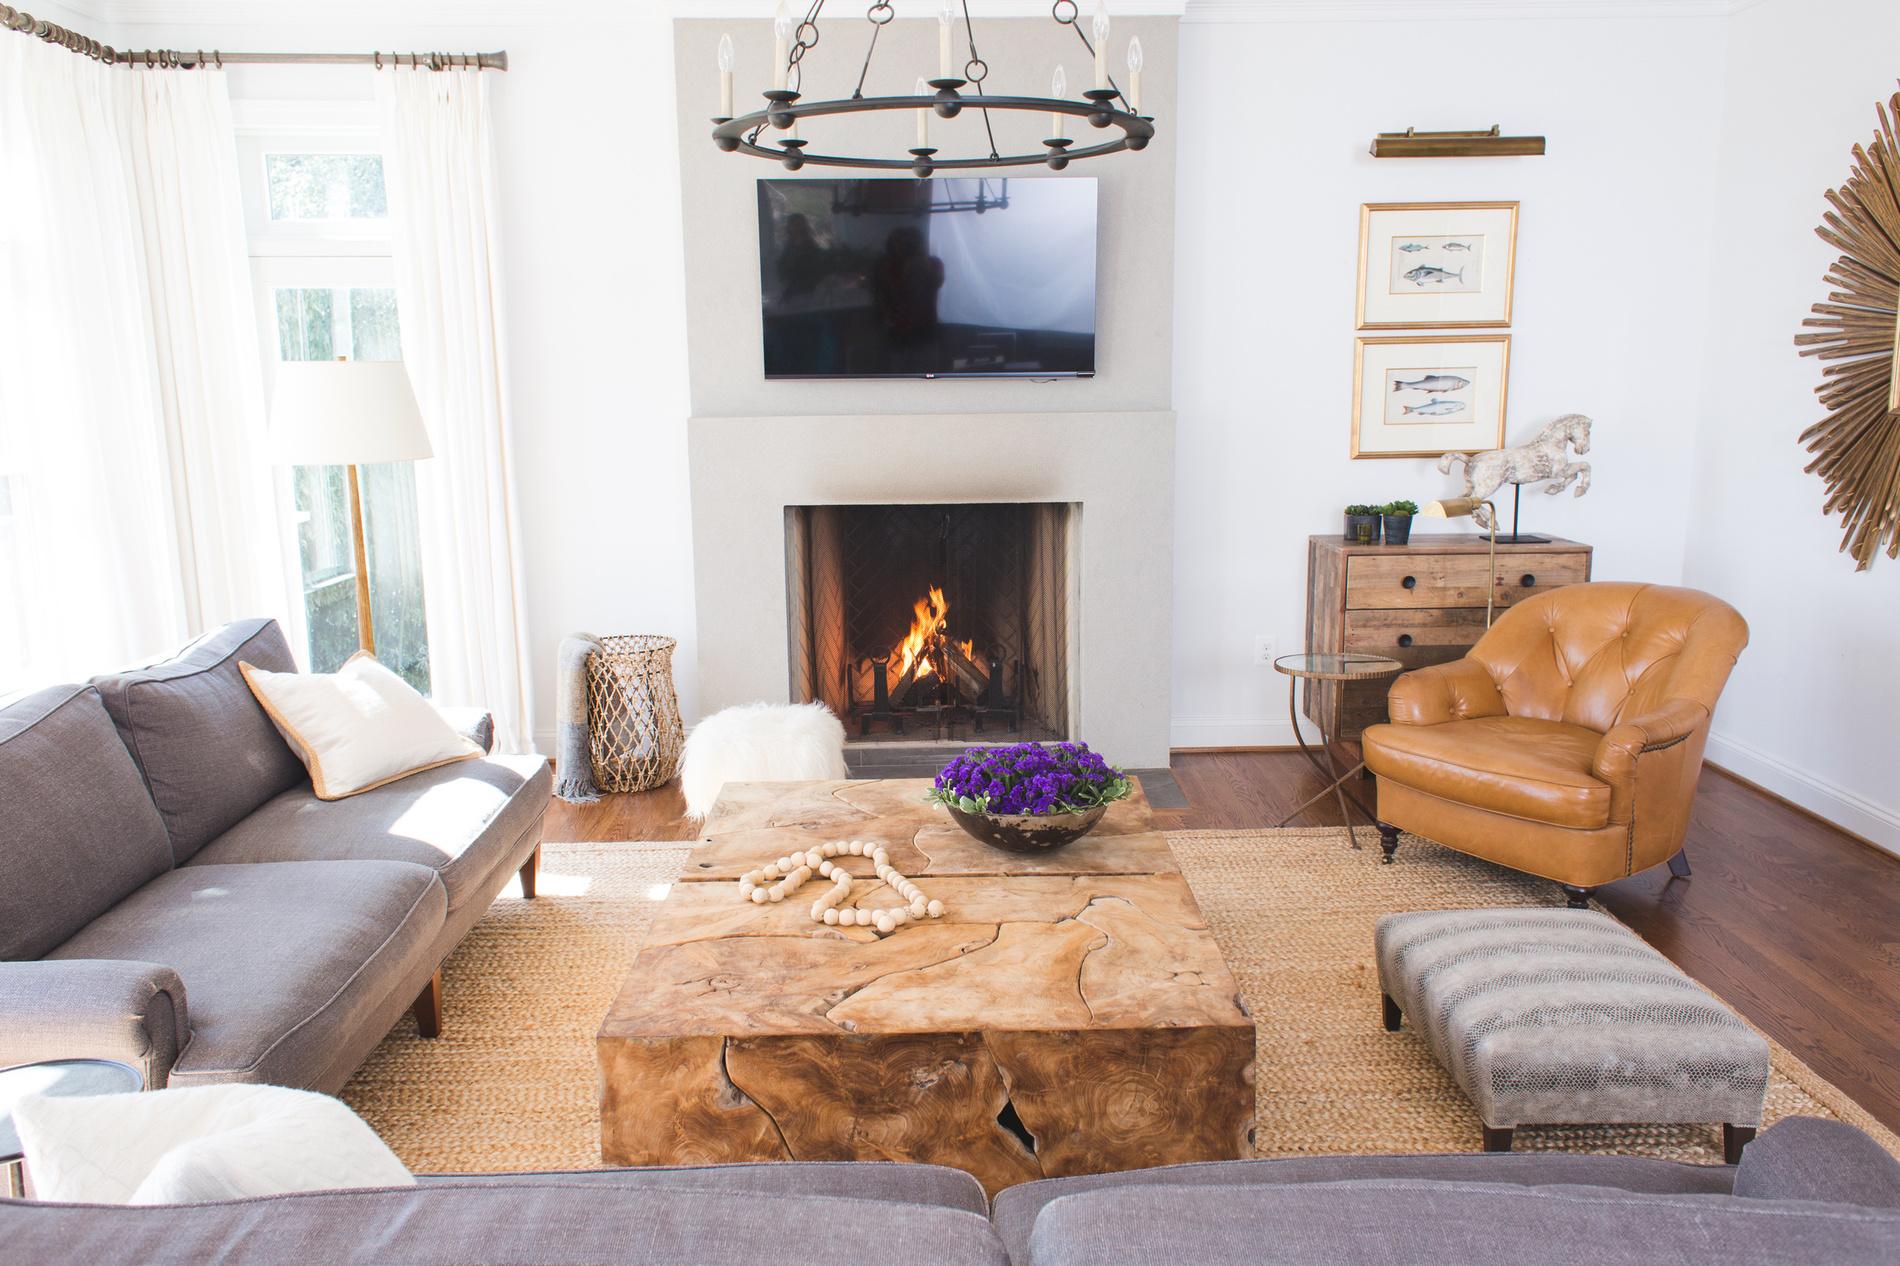 e Design - Liz Mearns - Tree House